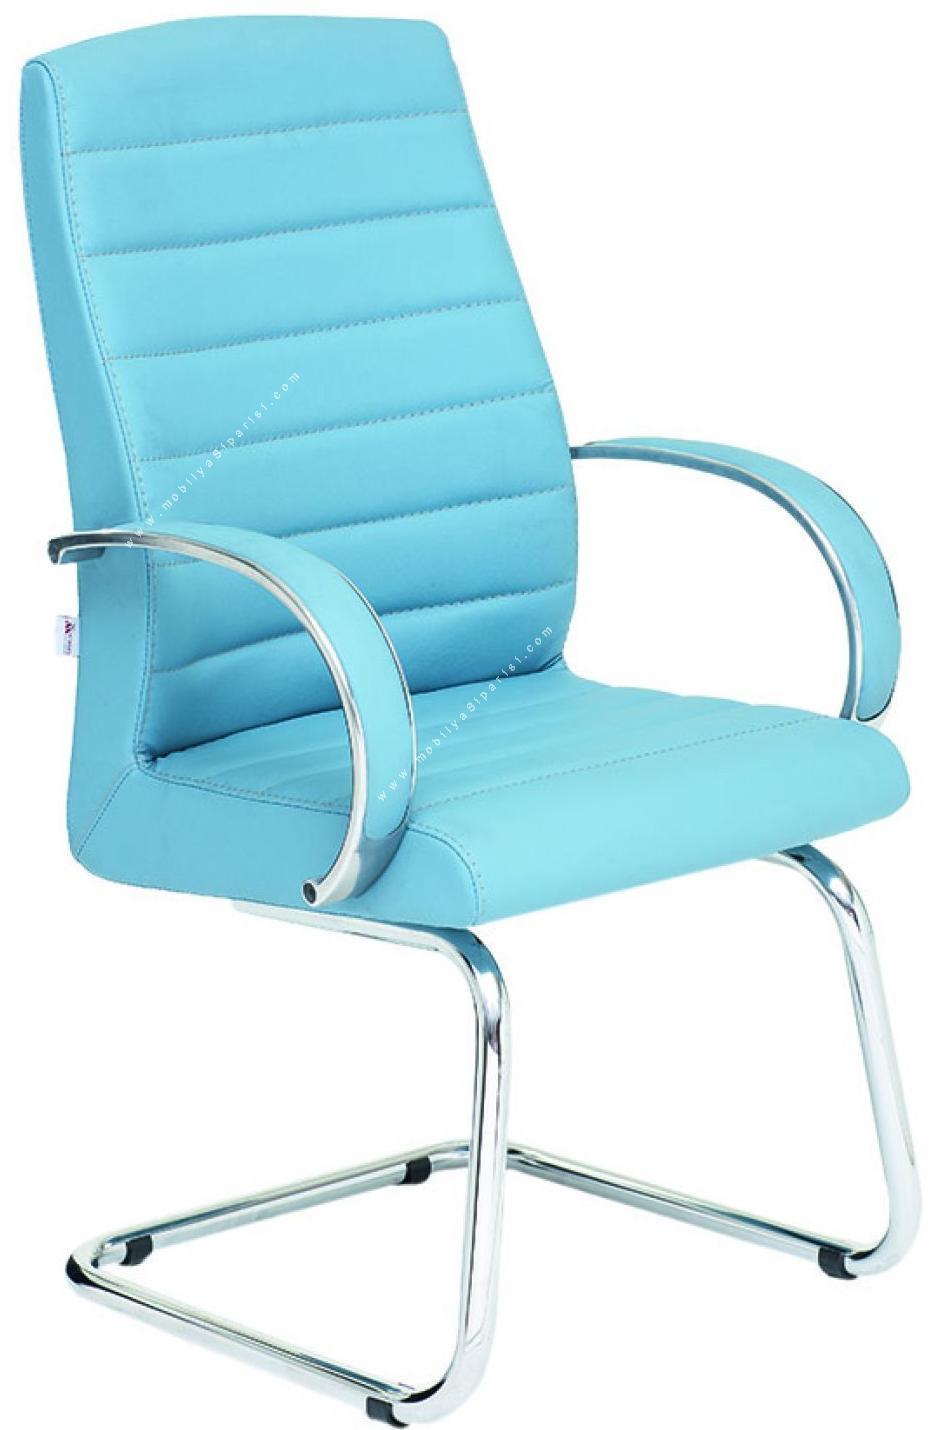 move krom sabit ayaklı misafir koltuğu